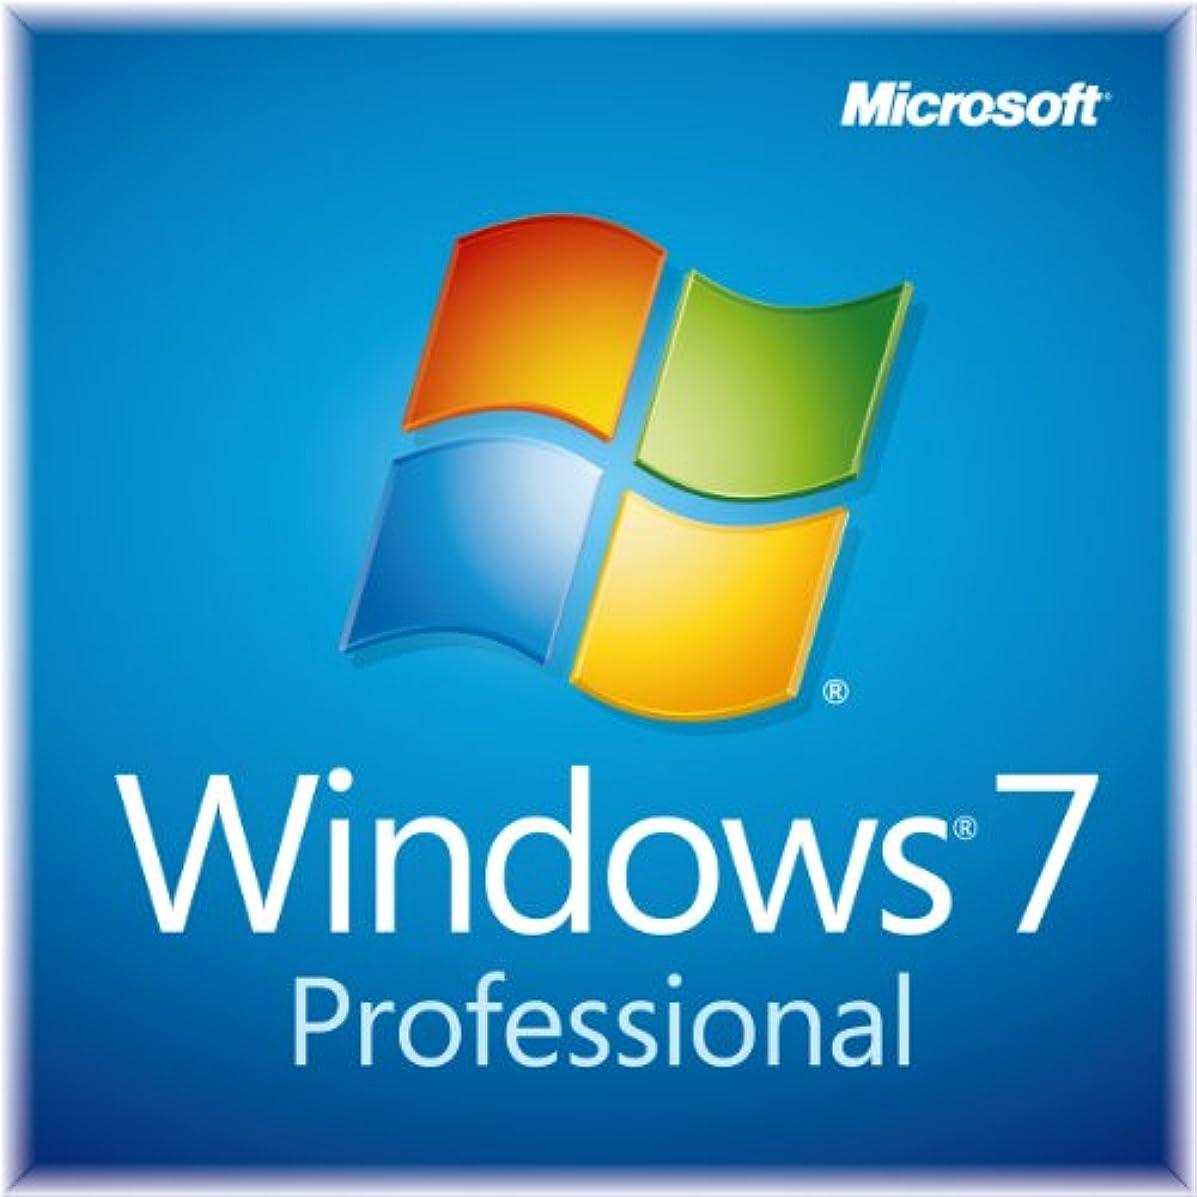 まだ大邸宅語Microsoft Windows7 Professional 32bit Service Pack 1 日本語 DSP版 DVD 【USB拡張ボードセット】